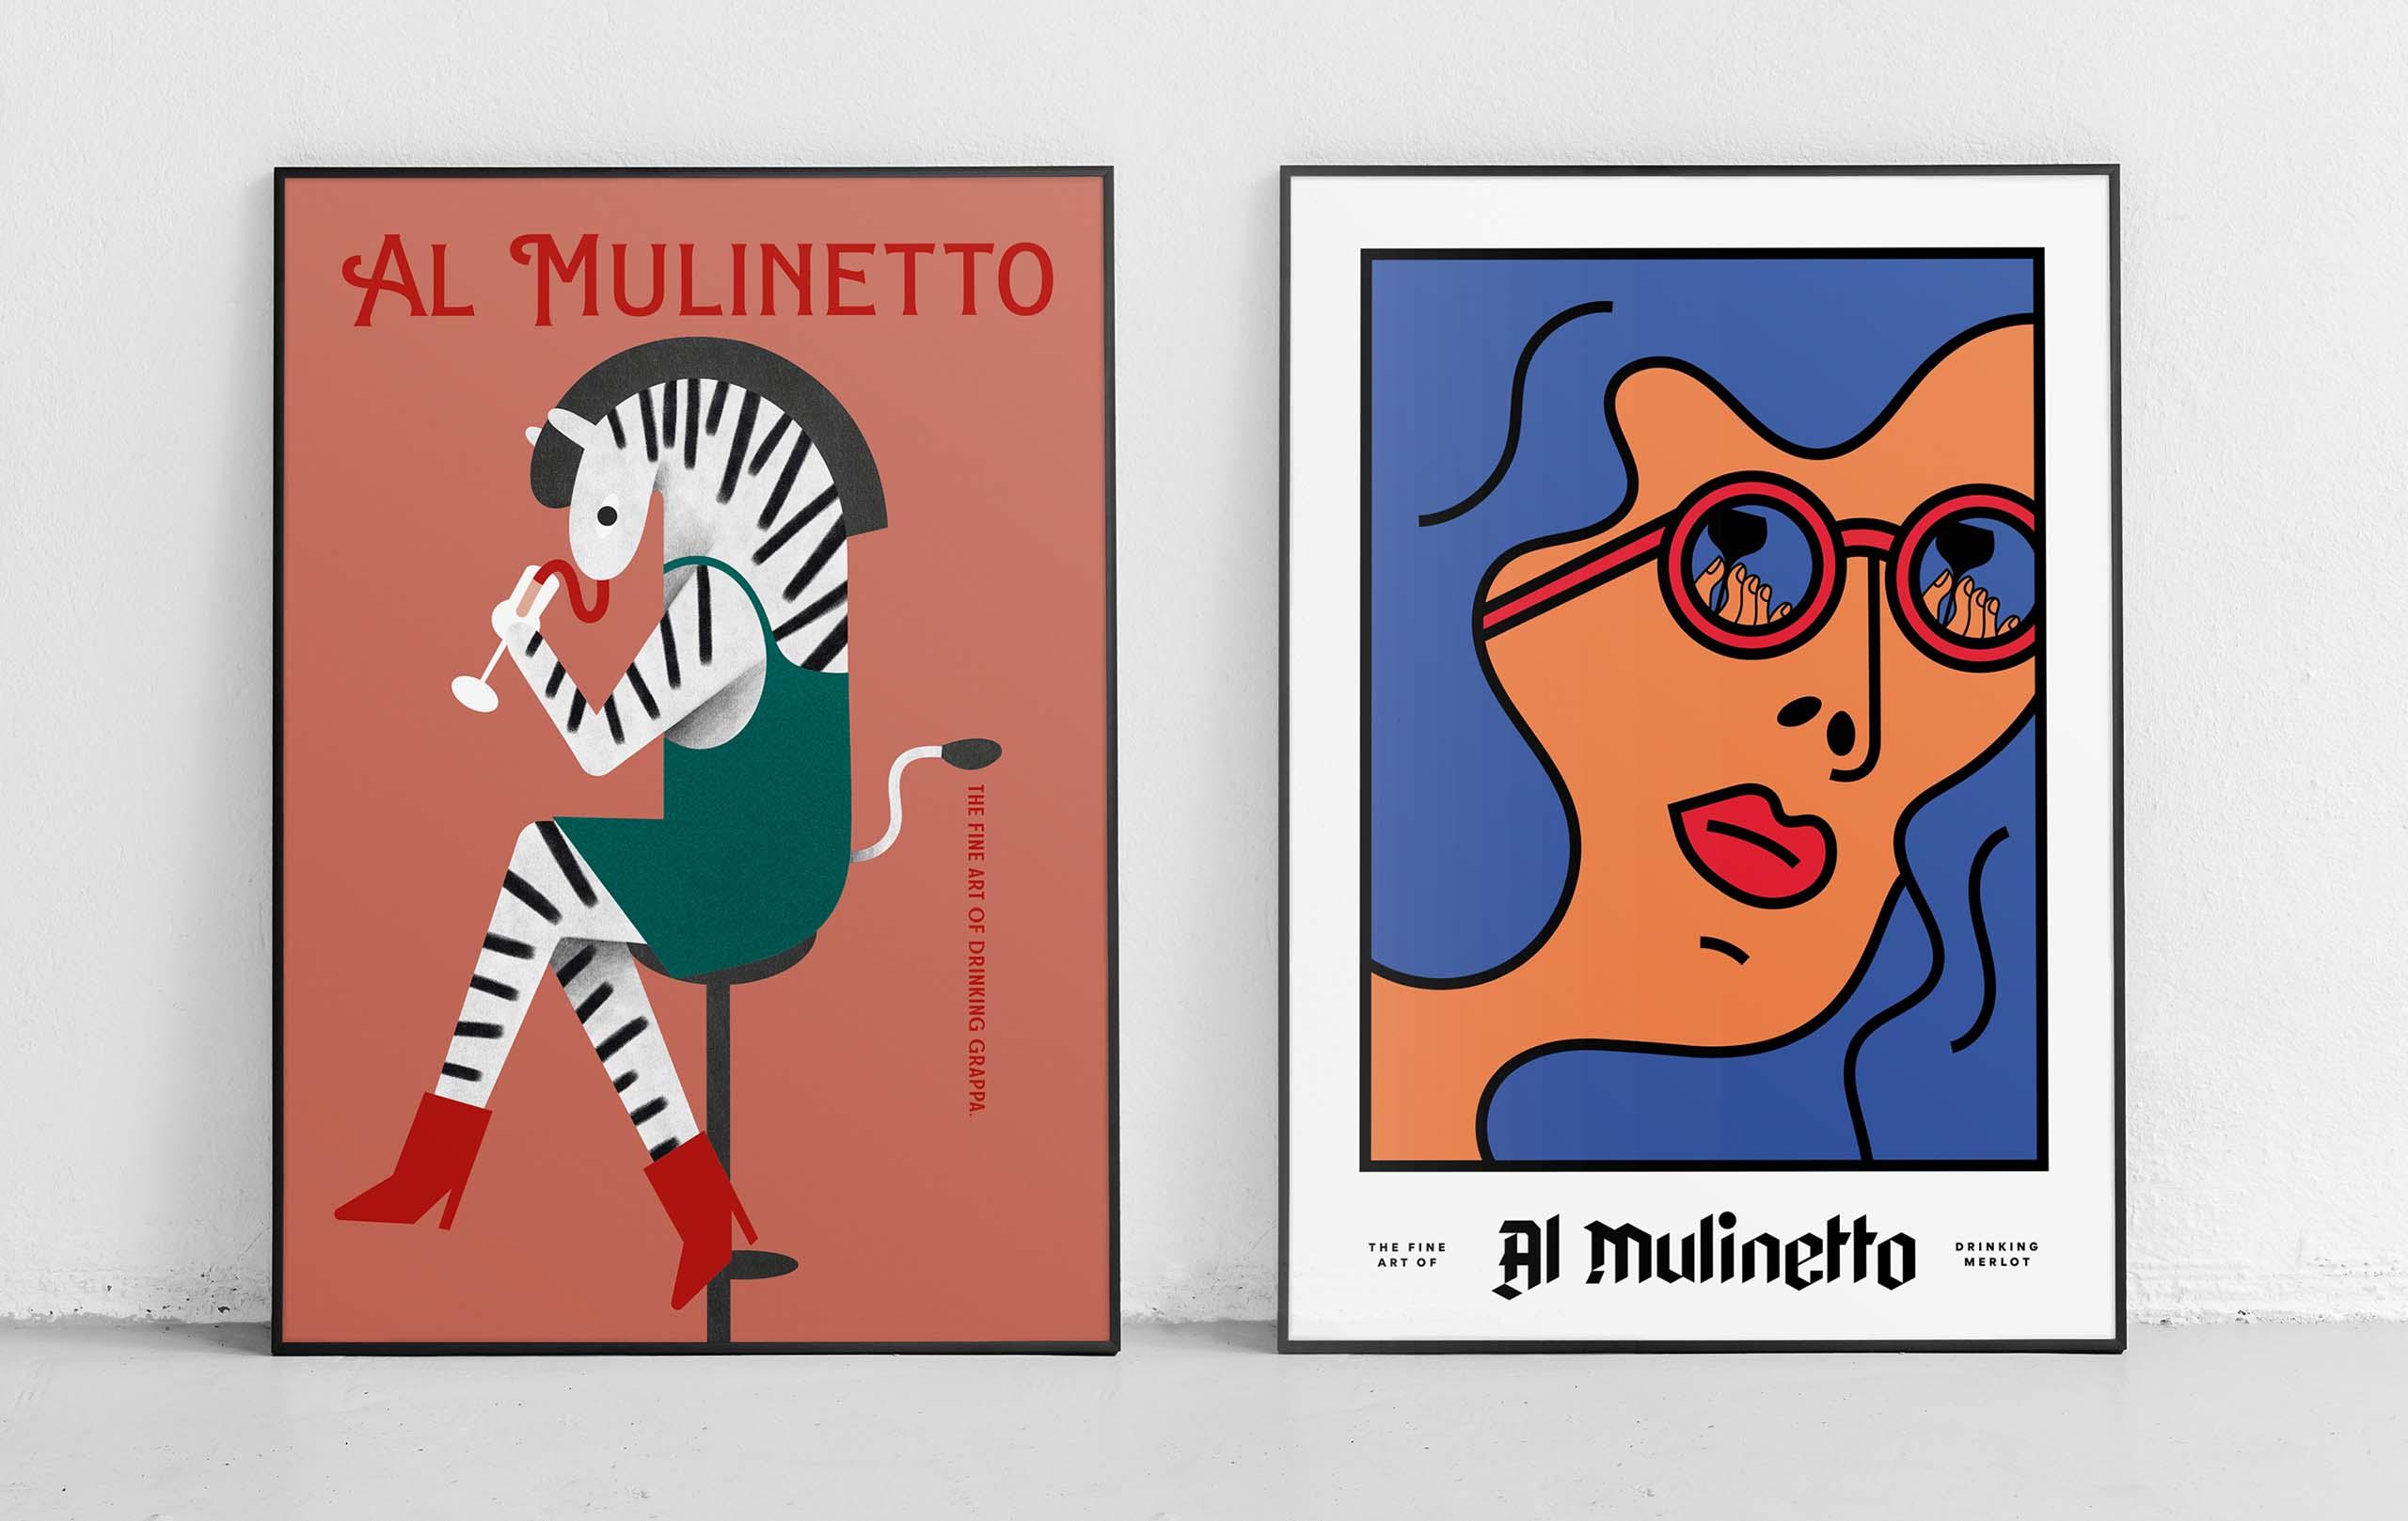 Almulinetto_Poster2020_1